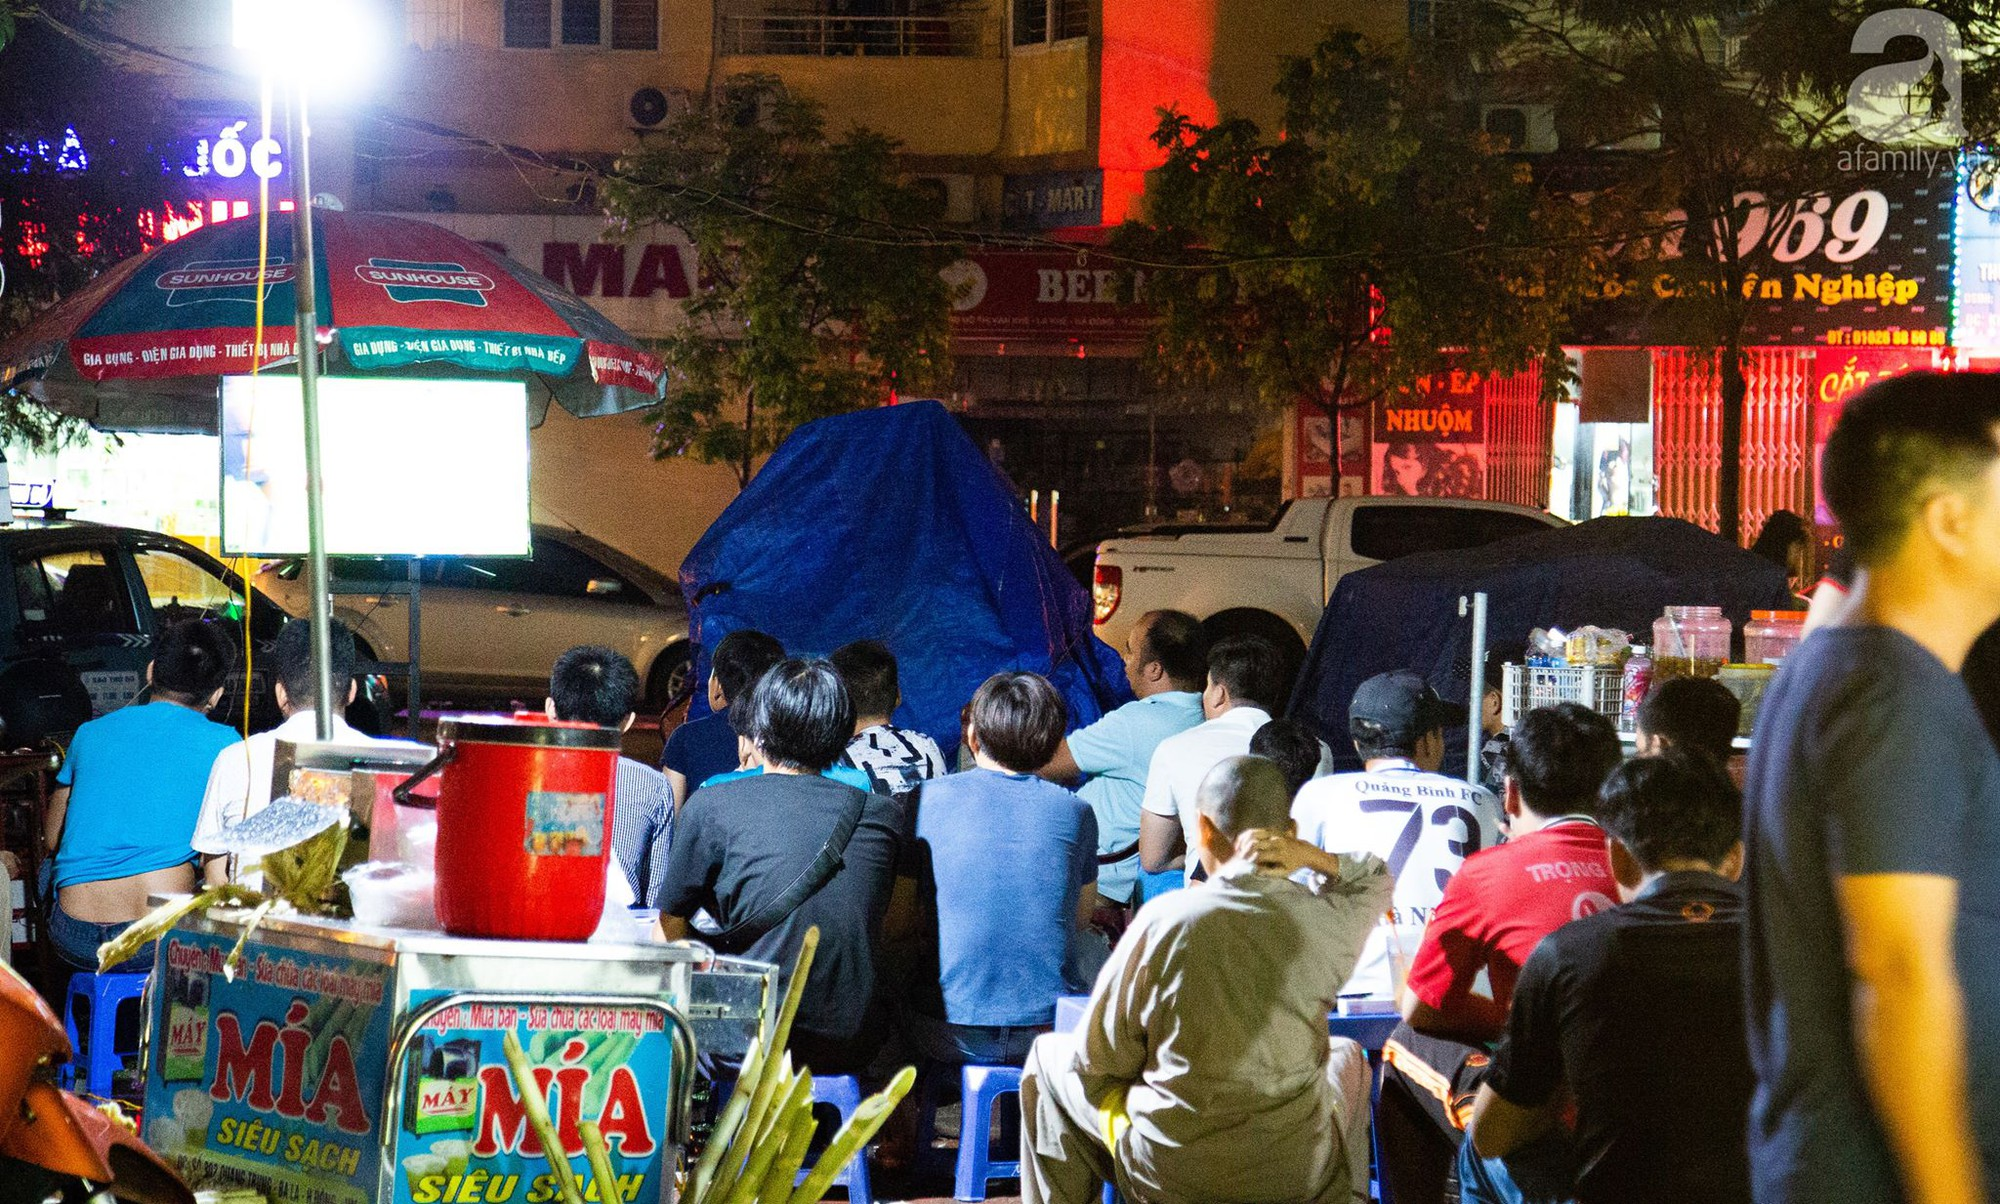 Chung kết World Cup, người Sài Gòn và Hà Nội háo hức trước trận cầu lịch sử giữa Pháp - Croatia - Ảnh 12.